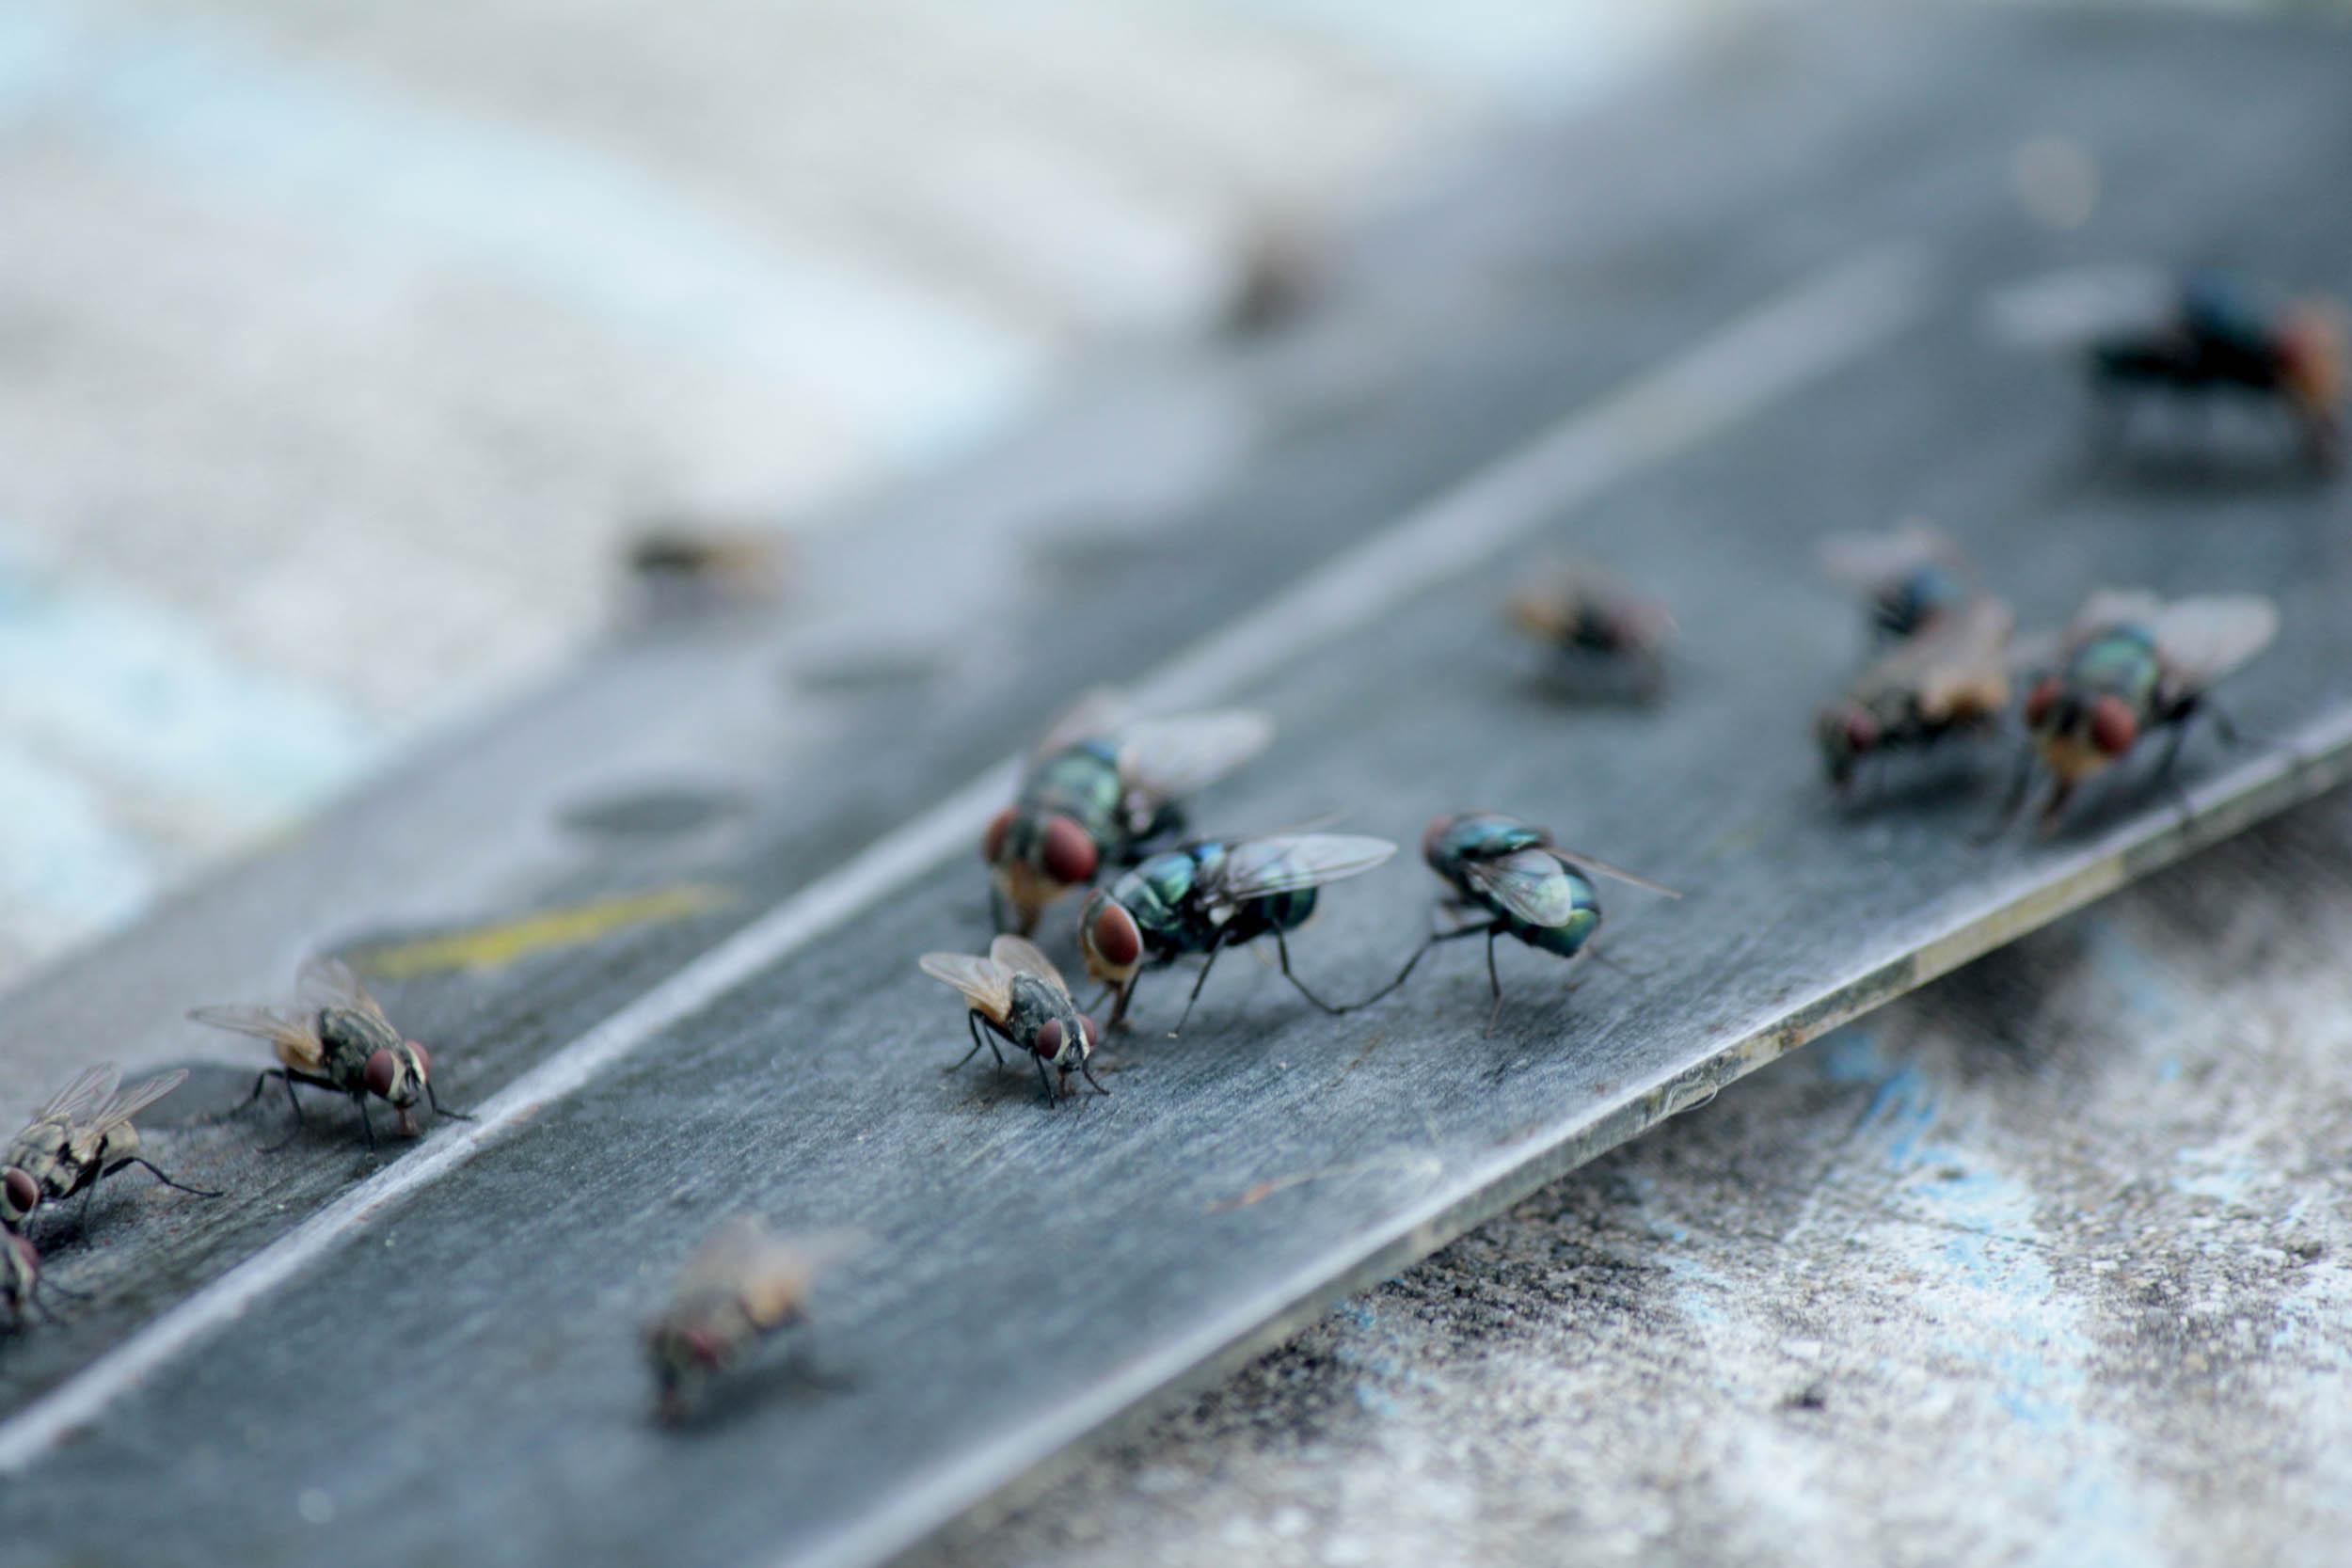 Experto explica a qué se debe la aparición repentina y masiva de moscas